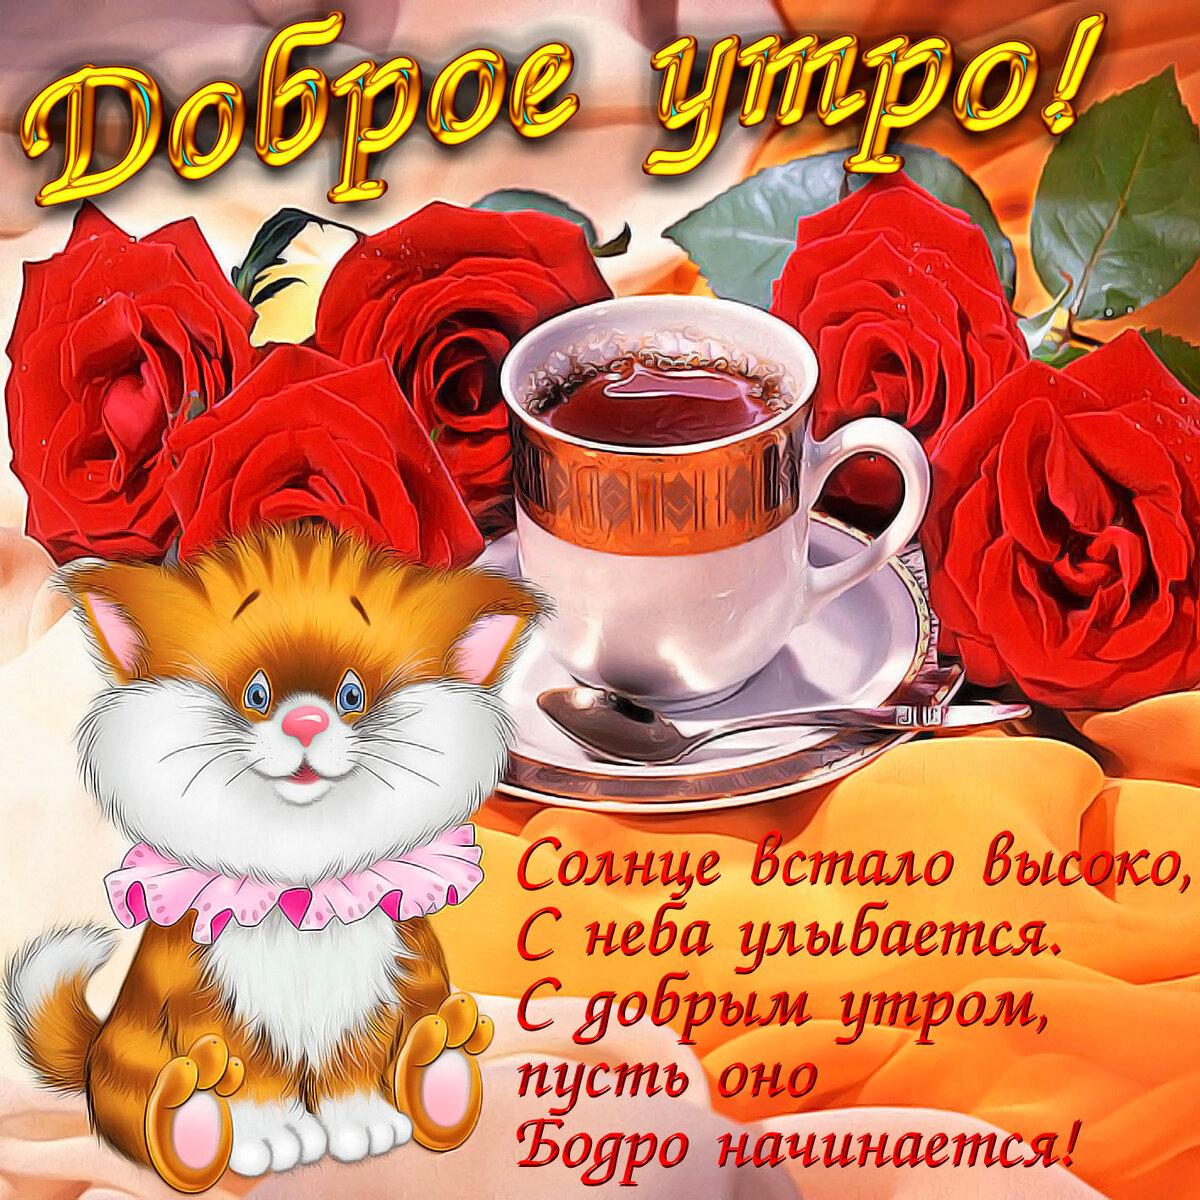 Пожелание с добрым утром прикольное